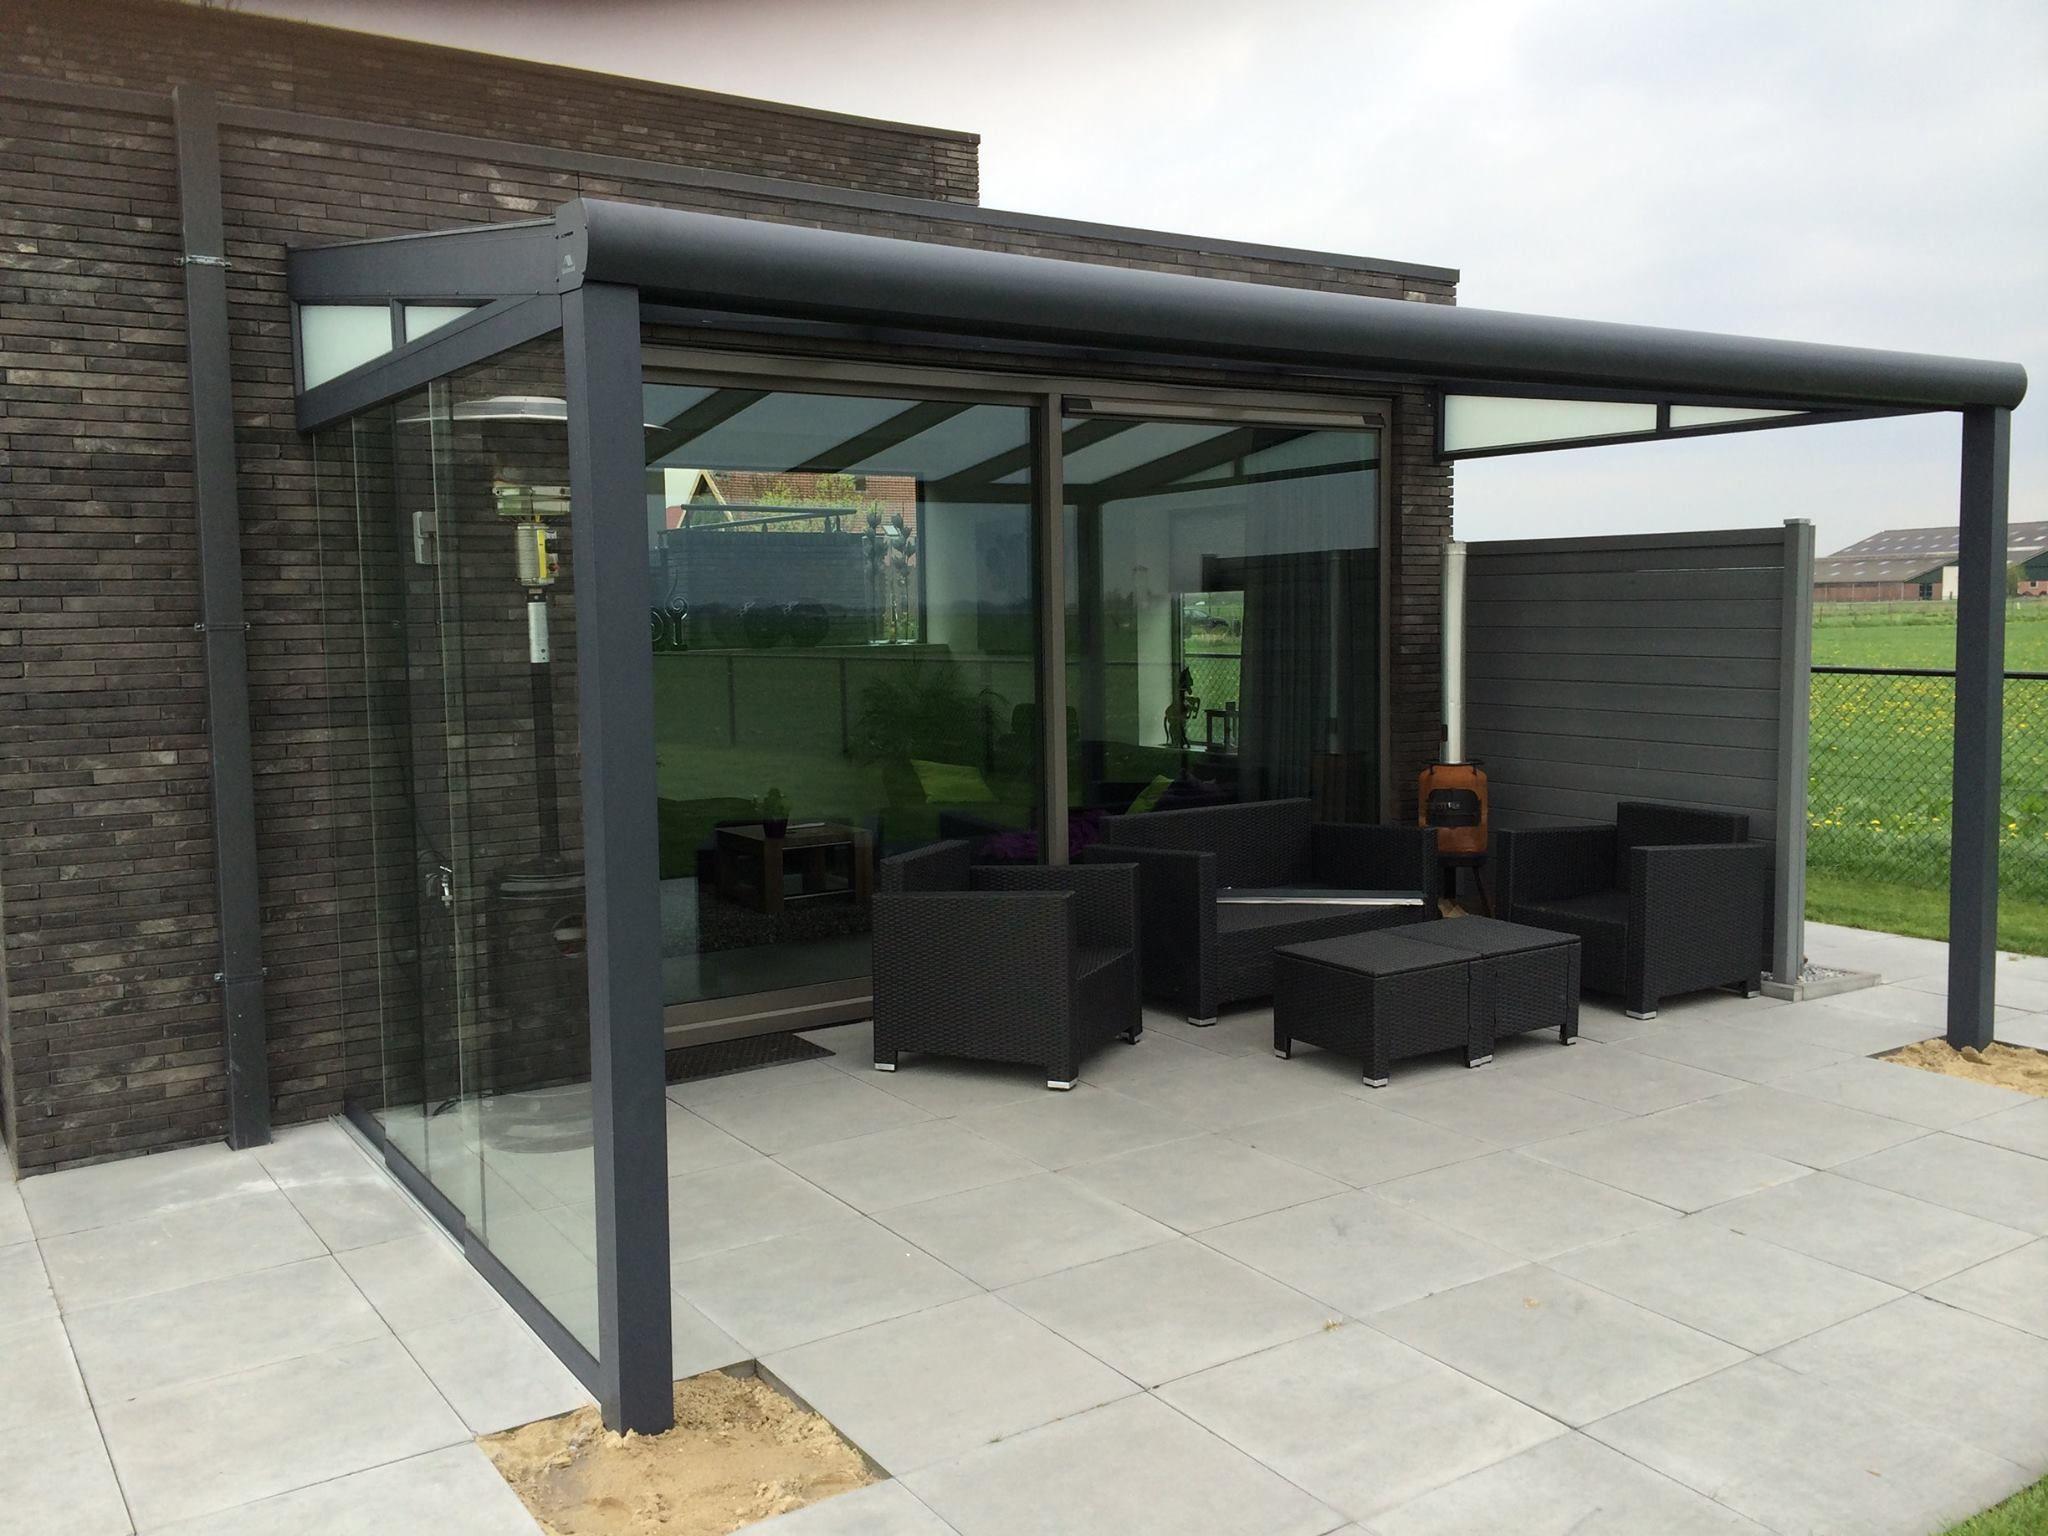 613 gumax terrasoverkapping met glazen schuifwand